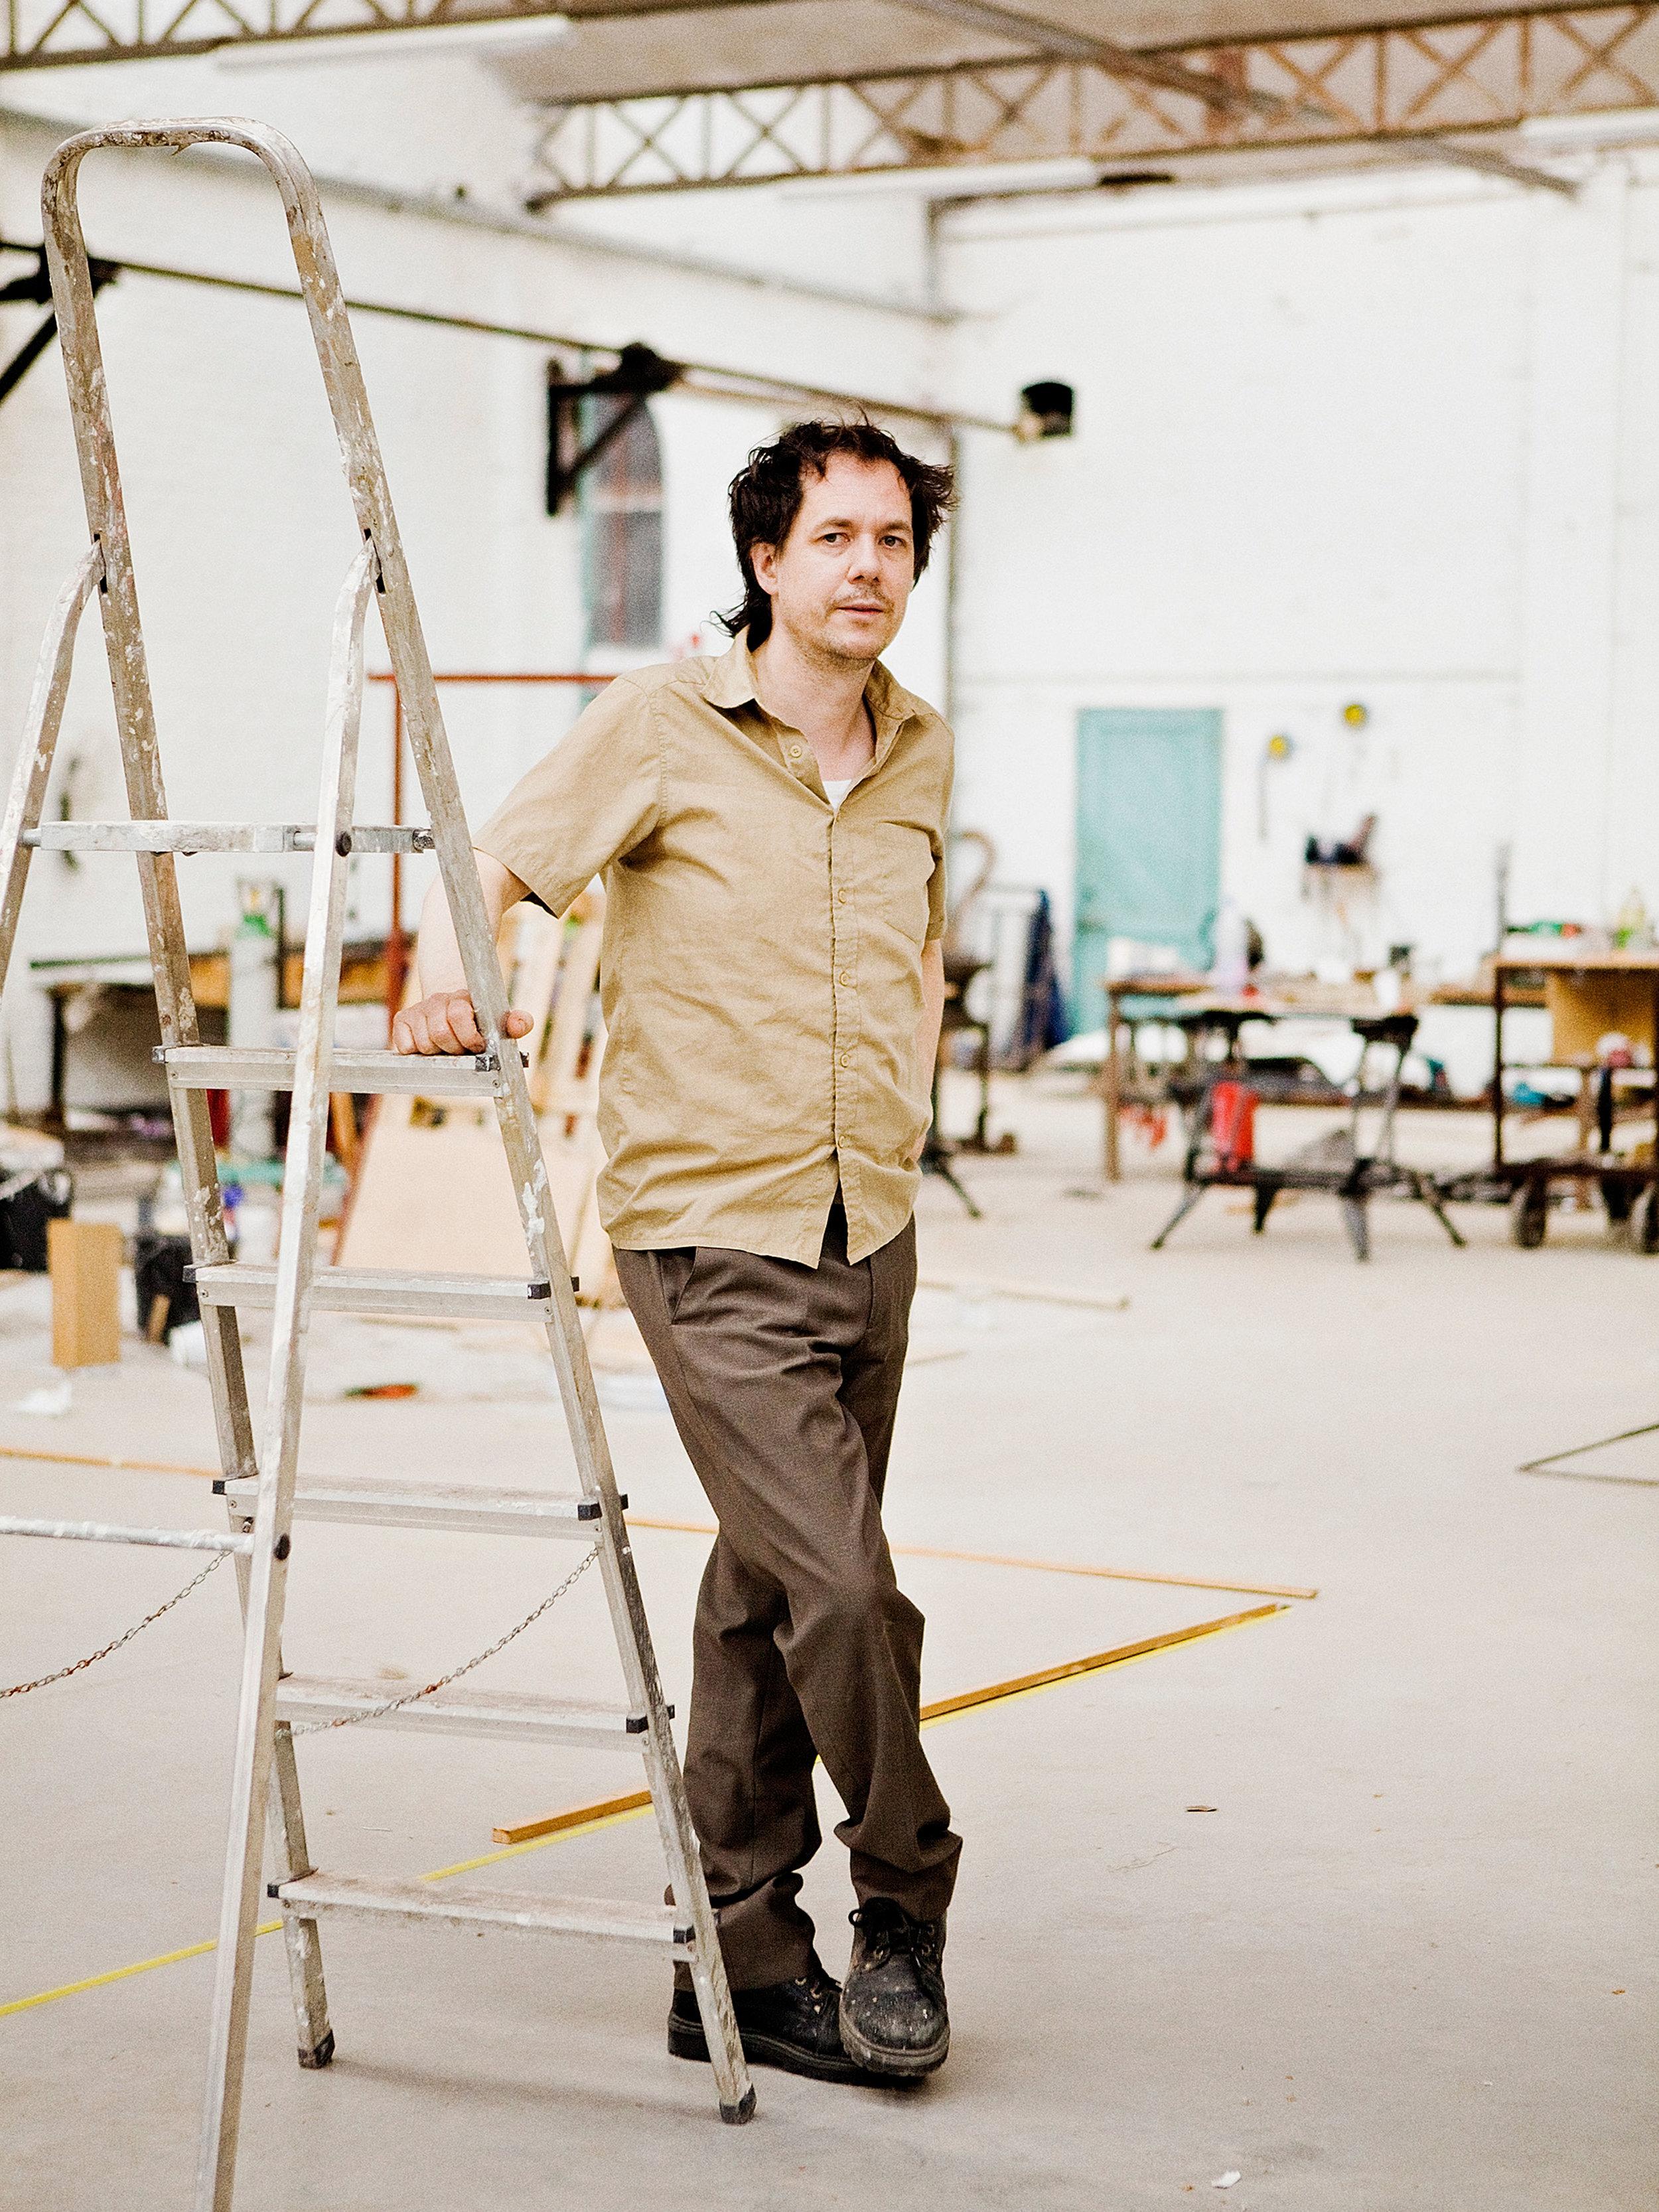 Official portrait of the winner of Heineken Prize for Art Mark Manders.